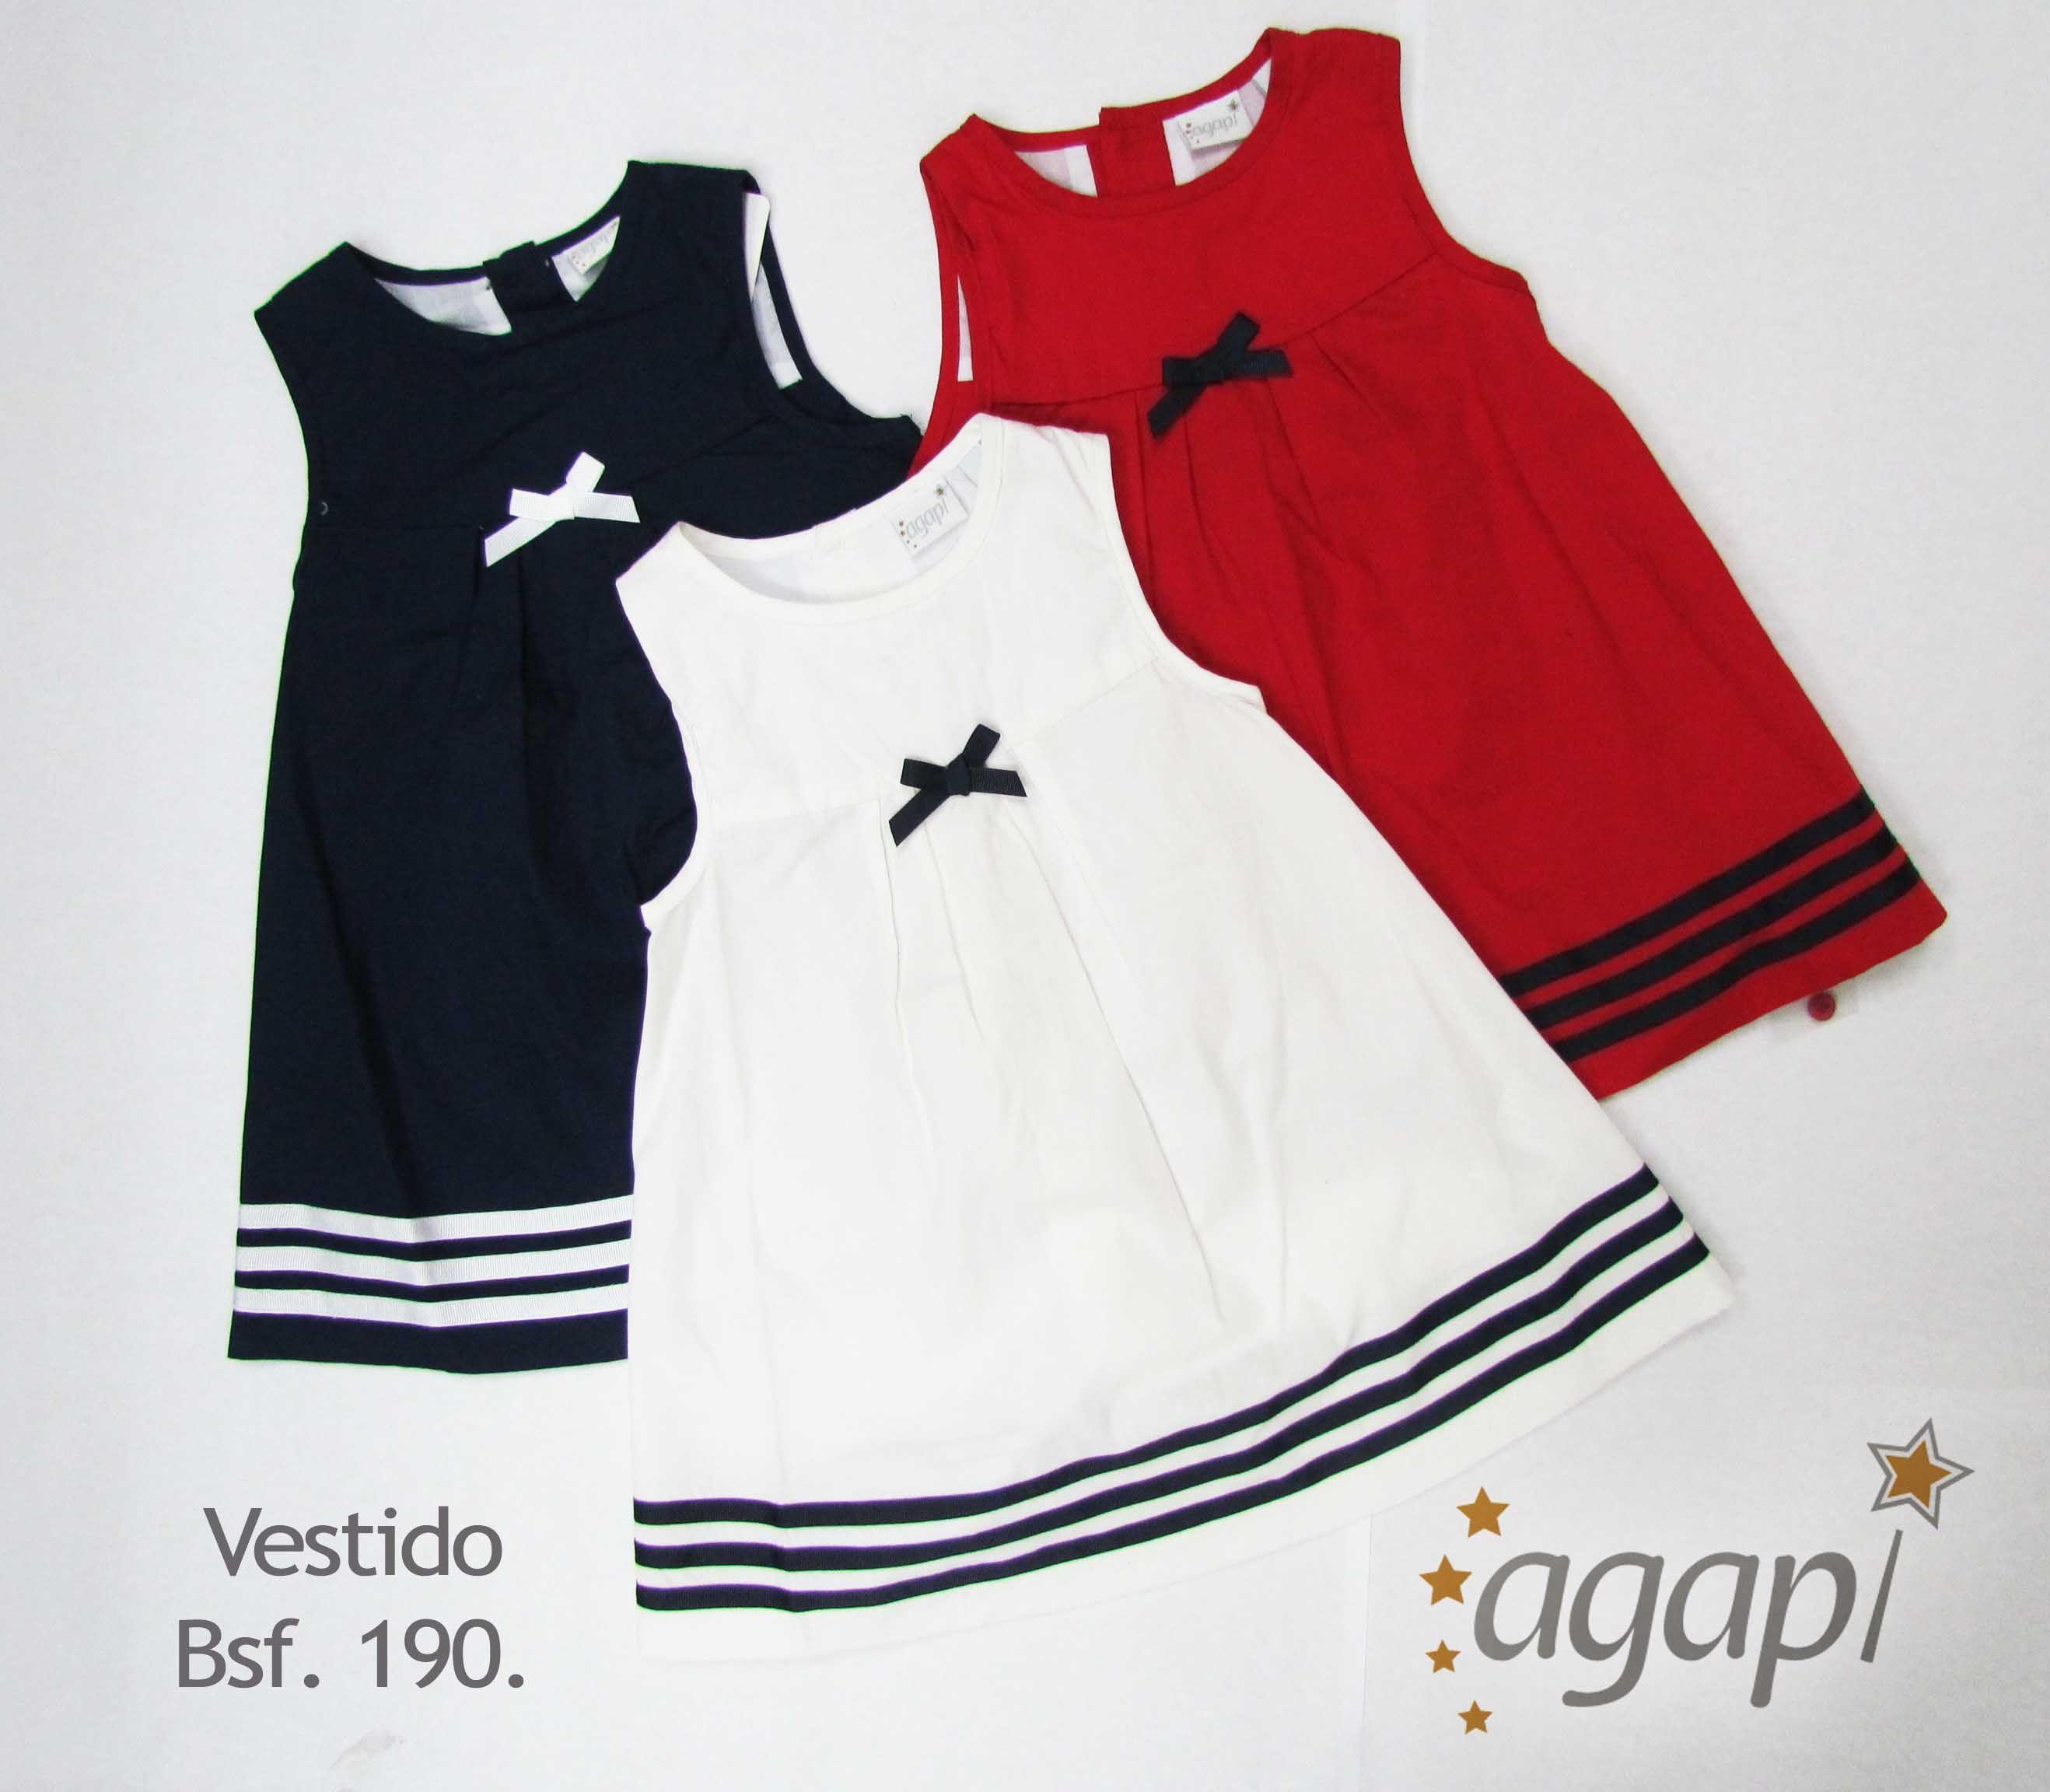 9d0e12311cc Vestidos para niña marca Agapi